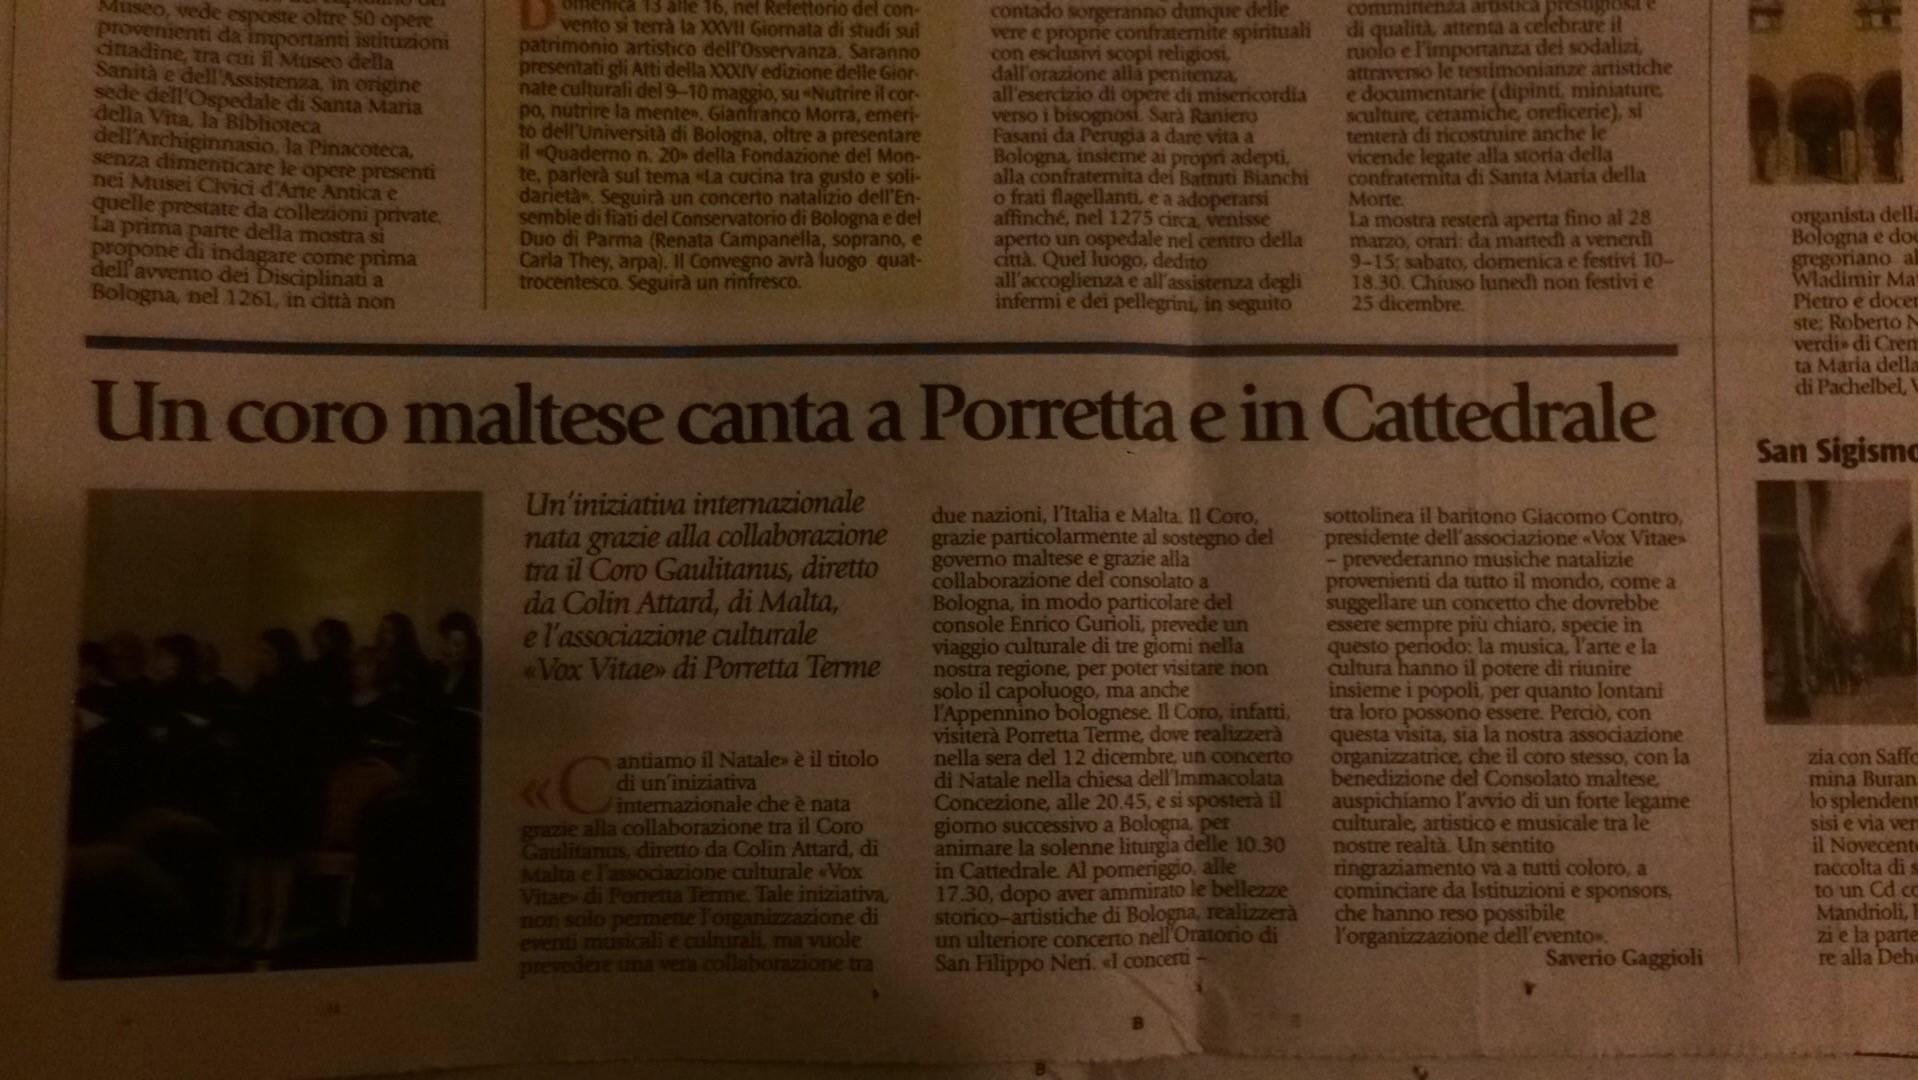 Newspaper report - Bologna7, un allegato bolognese dell'Avvenire